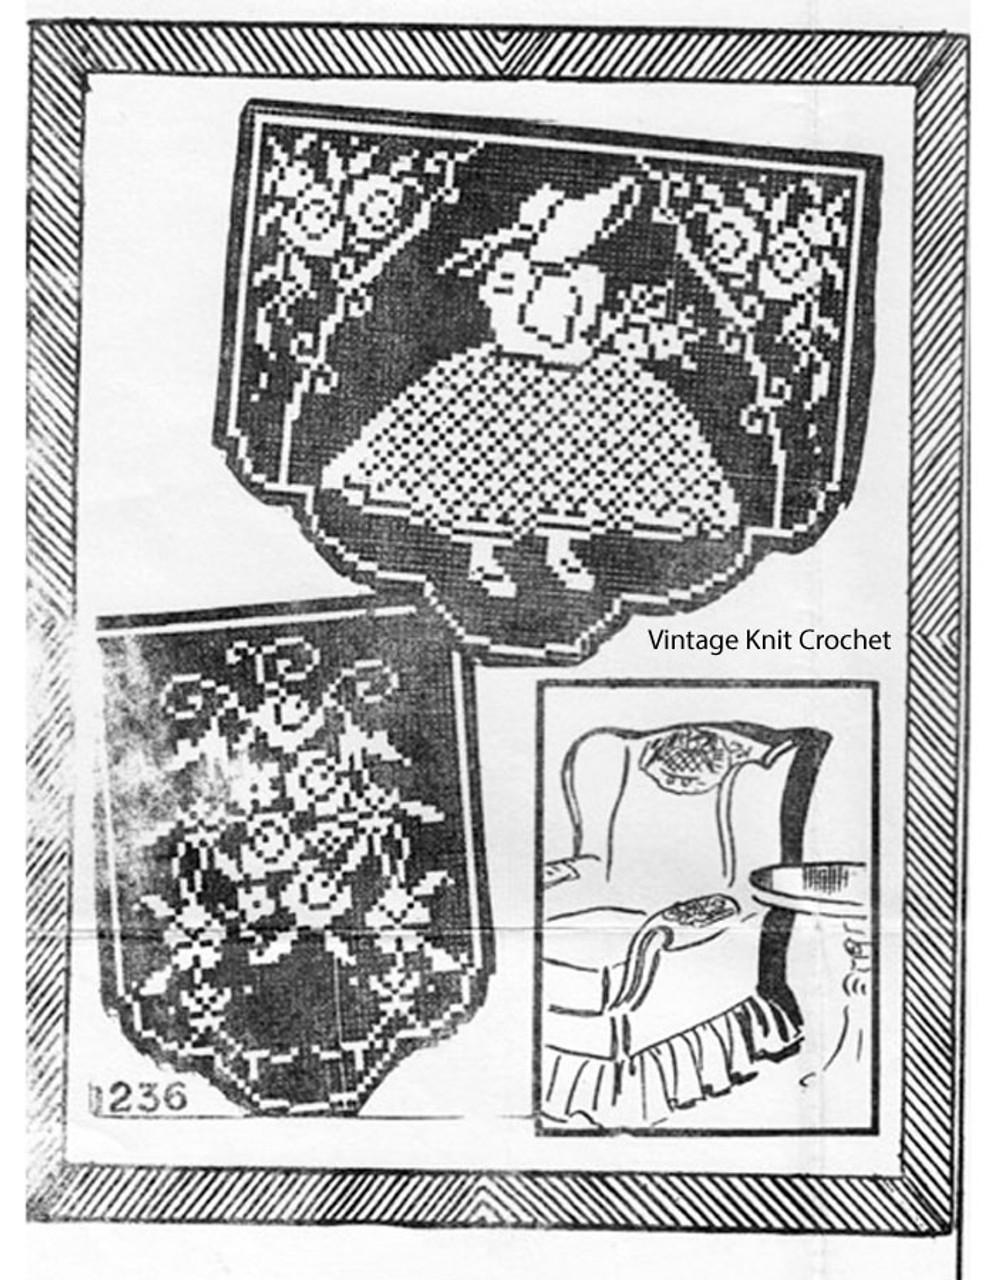 Sunbonnet Sue Filet Crochet Pattern, Chair Set, No E-1238